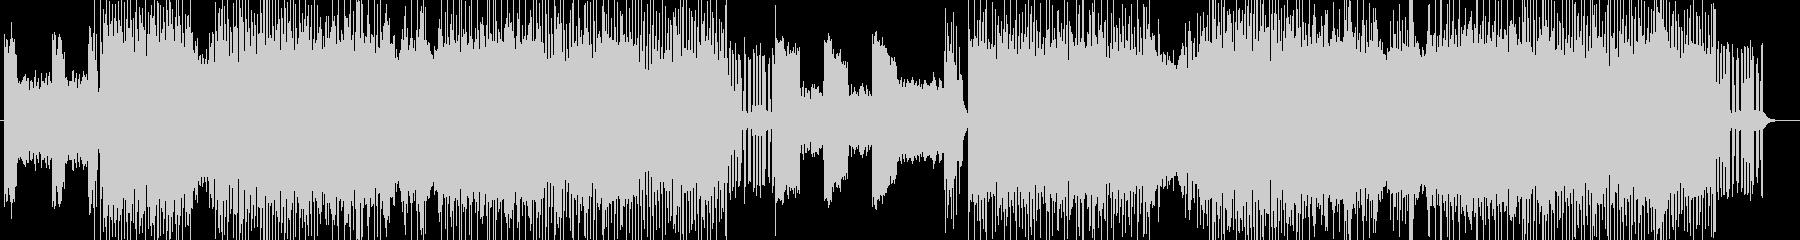 「HEAVY METAL」BGM215の未再生の波形